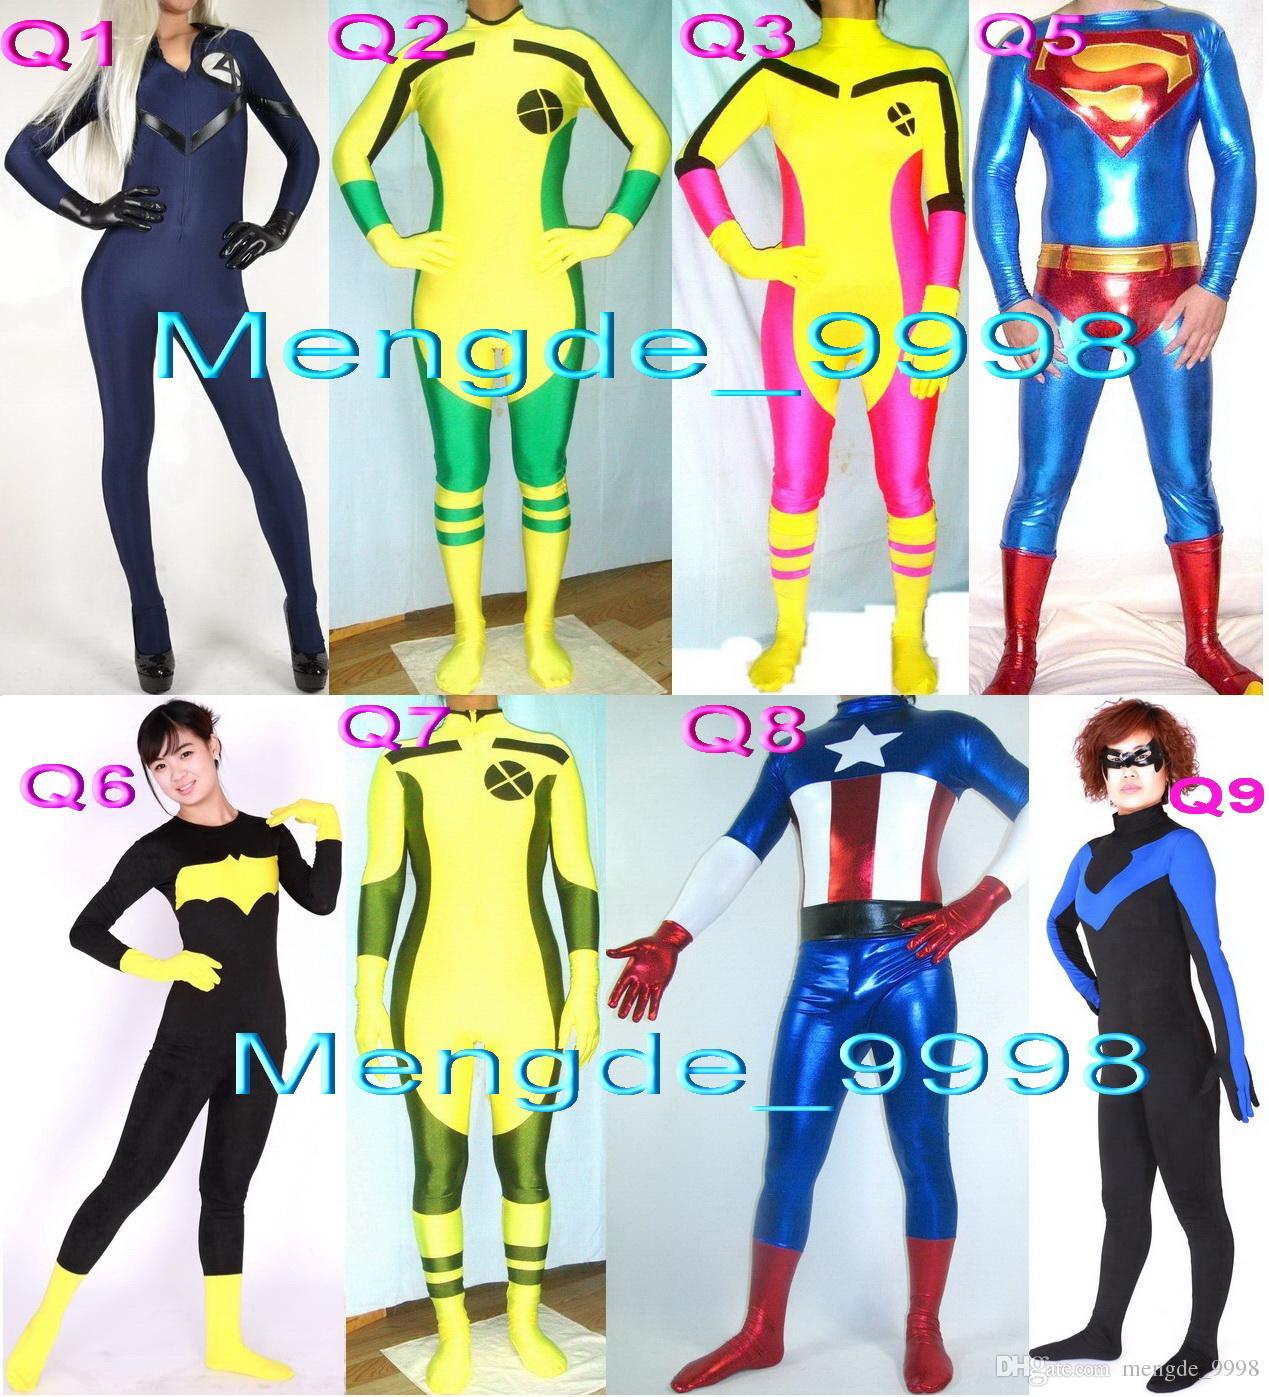 New 8 Style Superhero Suit Costumes Sexy Lycra Women 4# Suit Rogue X Men Superwoman Bat Captain Catsuit Costumes Halloween Cosplay Suit M151 5 Person Group ...  sc 1 st  DHgate.com & New 8 Style Superhero Suit Costumes Sexy Lycra Women 4# Suit Rogue X ...